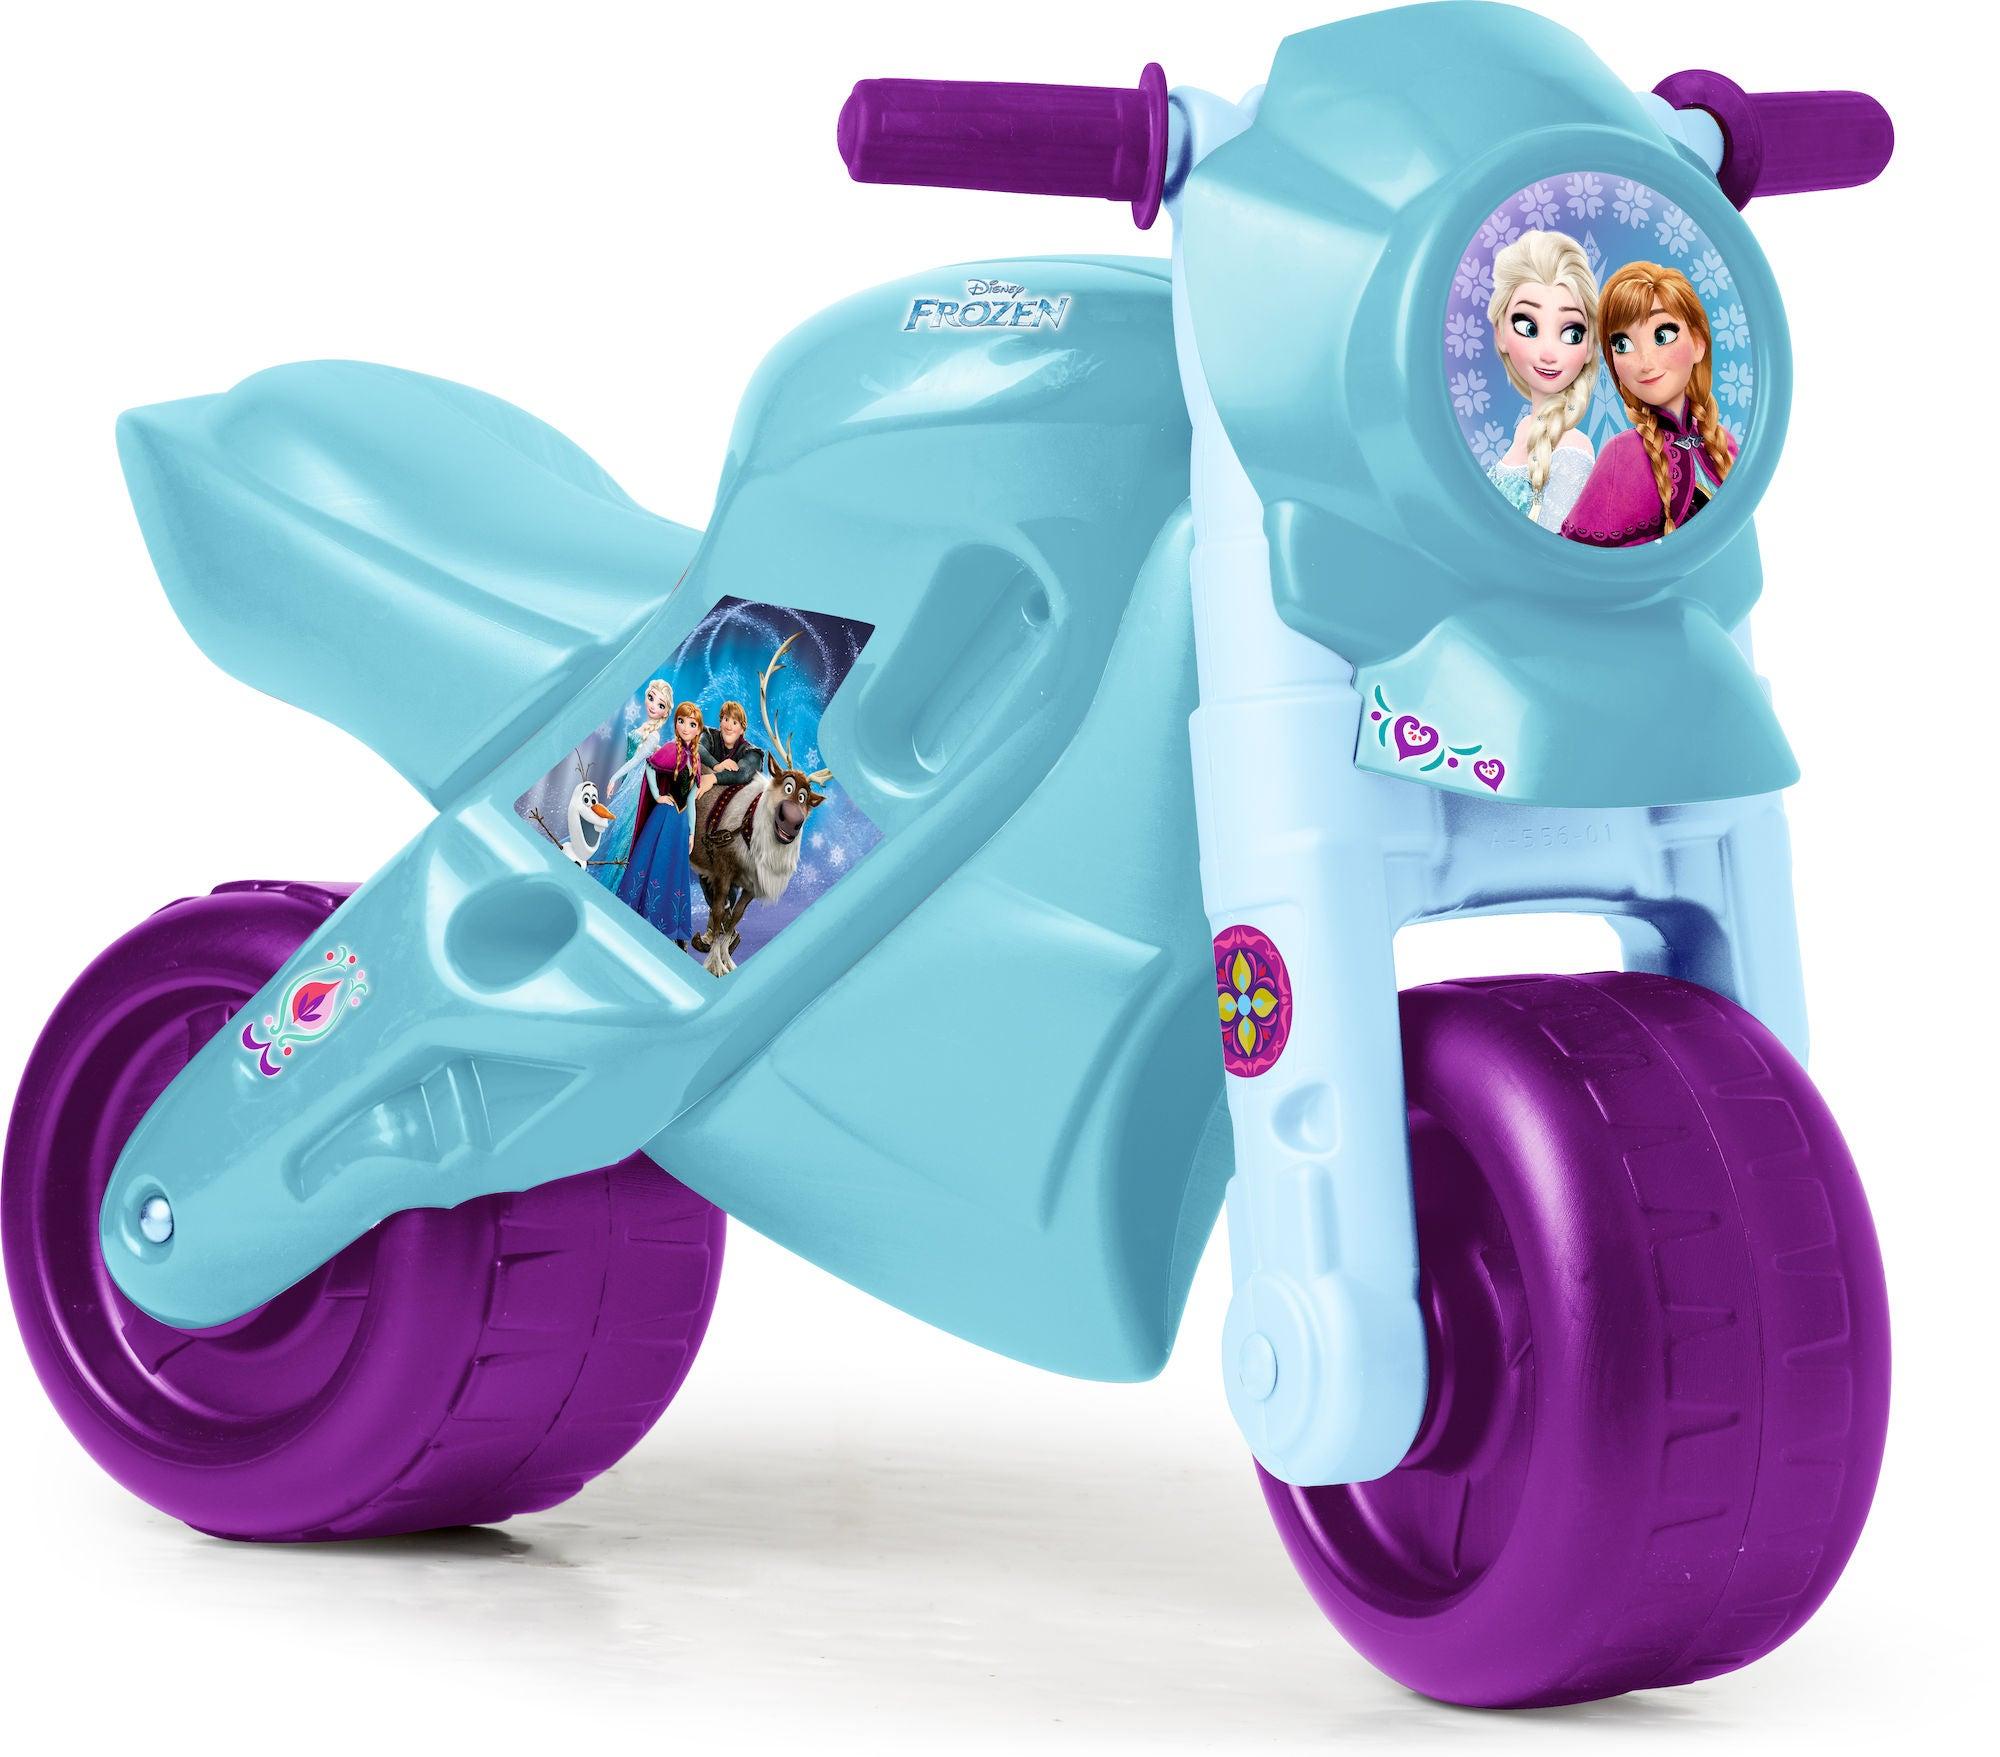 Köp Disney Frozen 2 Gummistövel, Lilac | Jollyroom